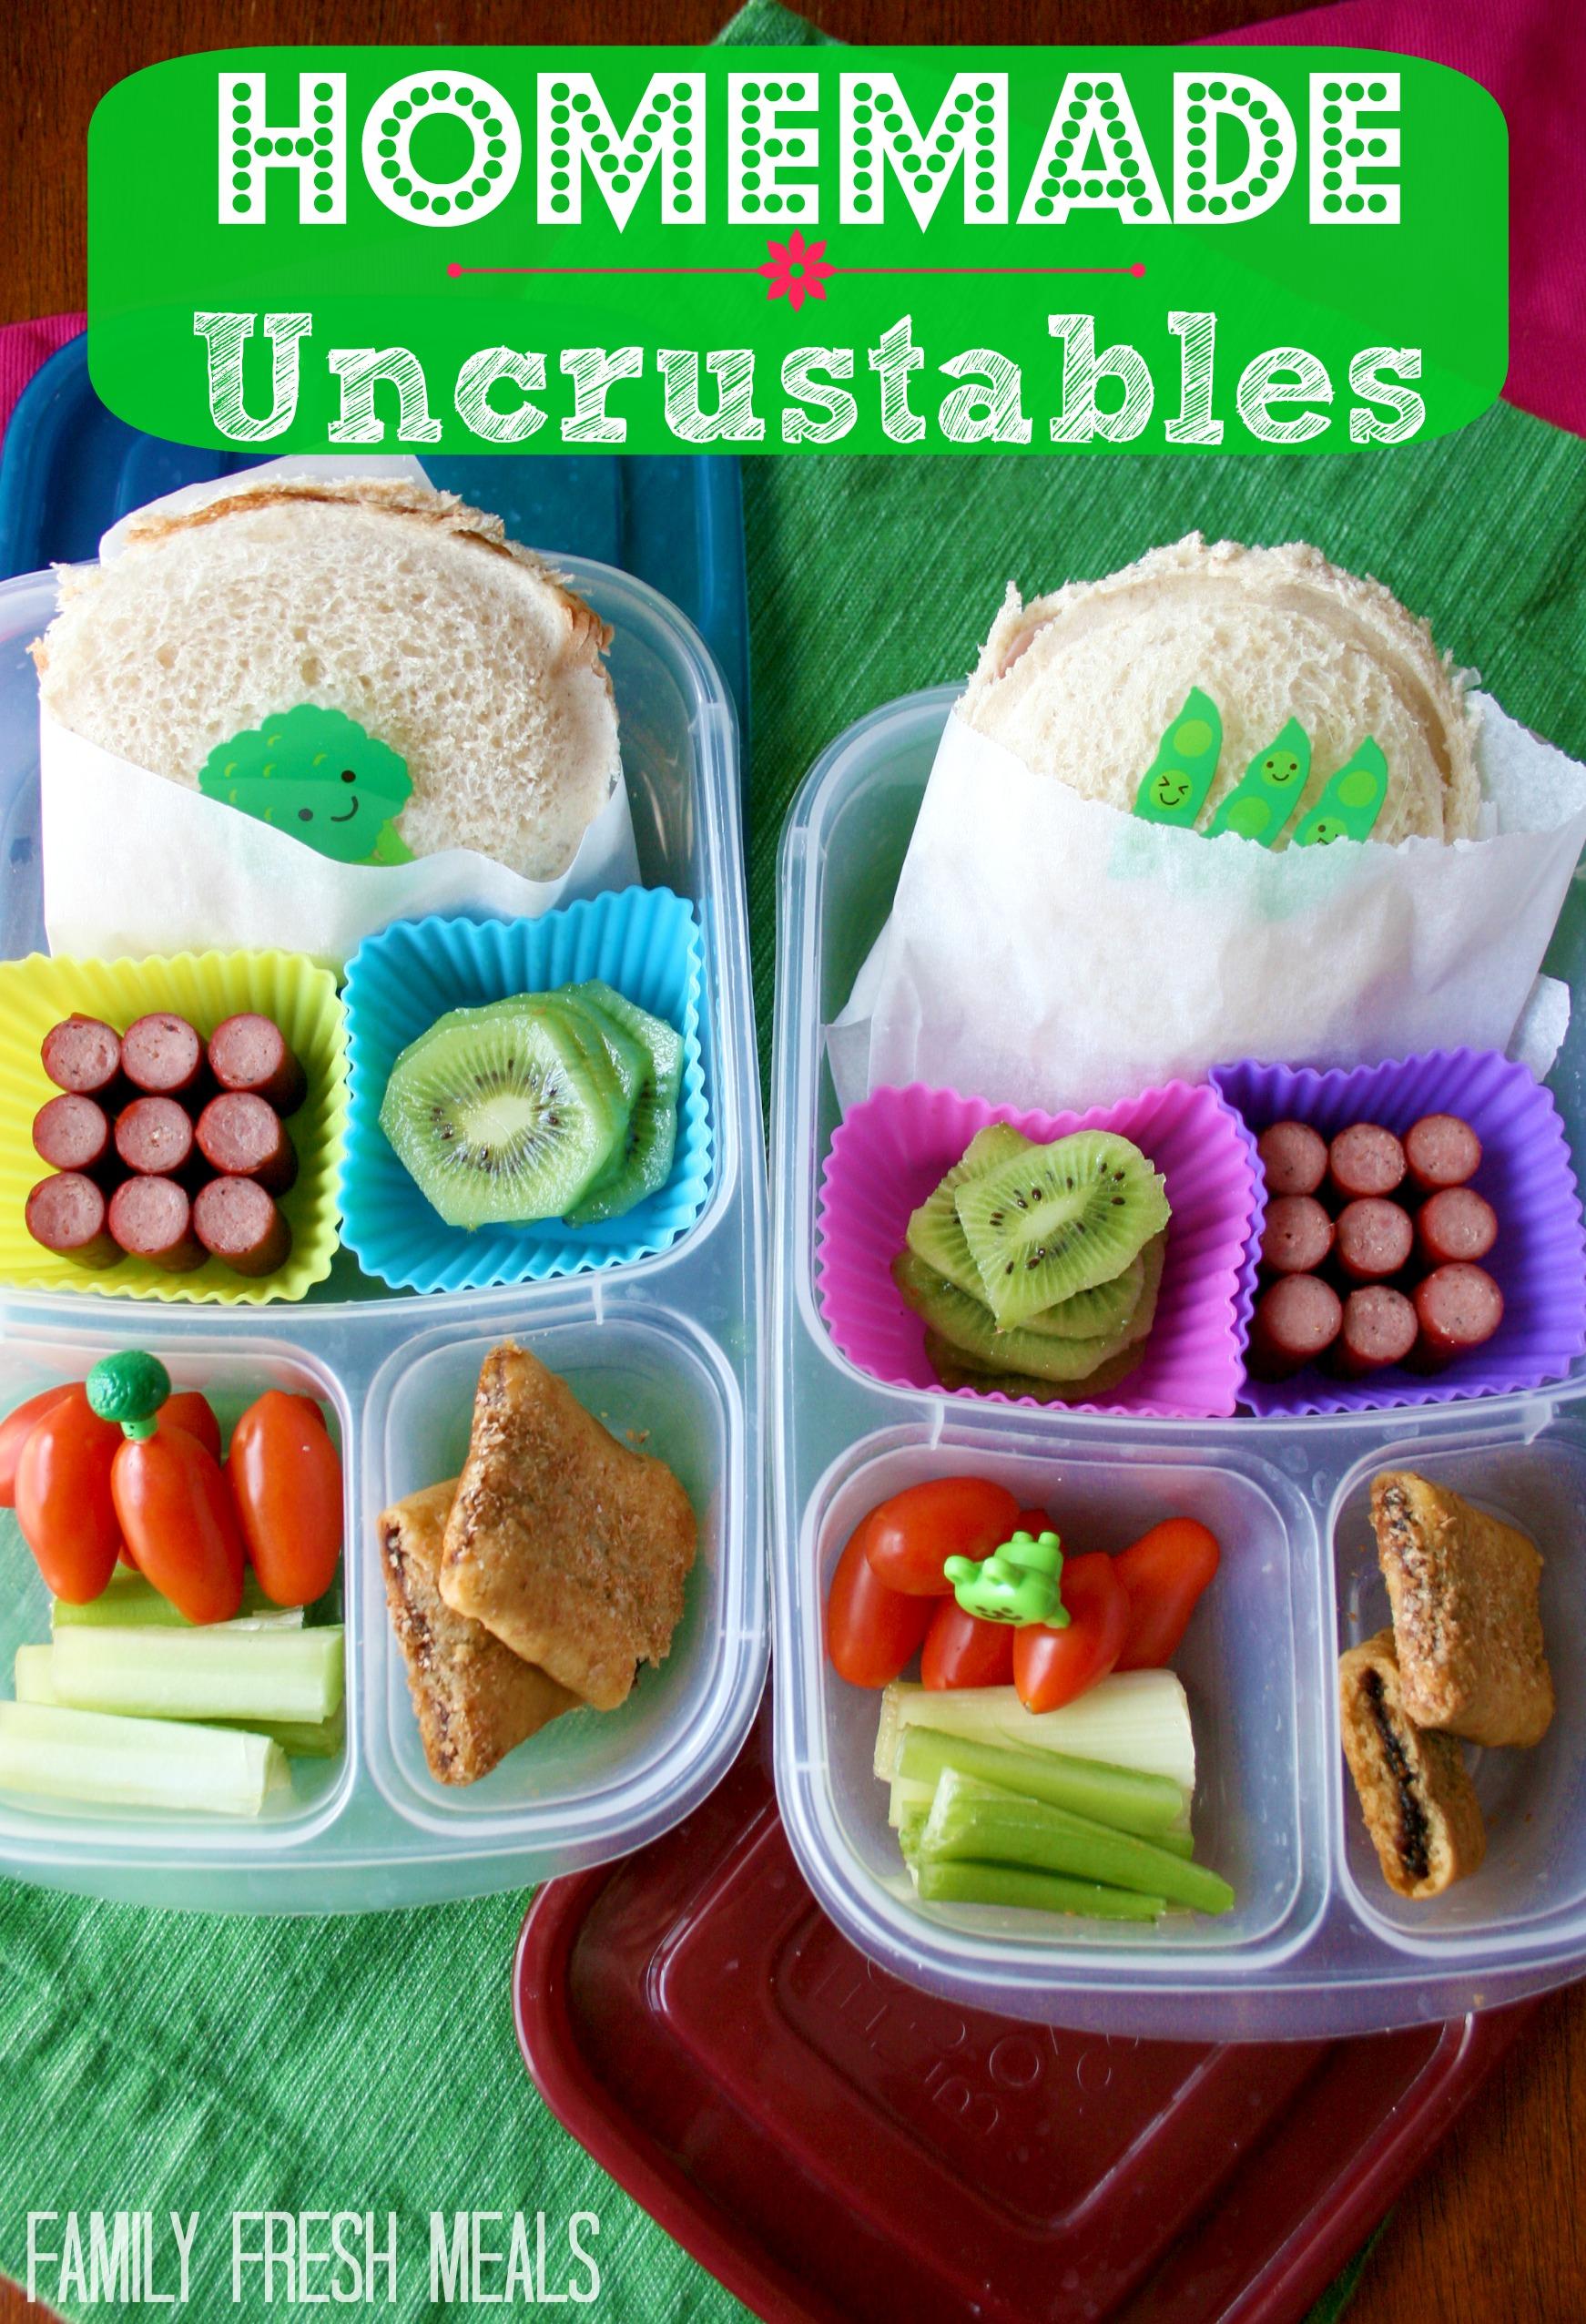 Homemade Uncrustables for Lunch via @familyfresh